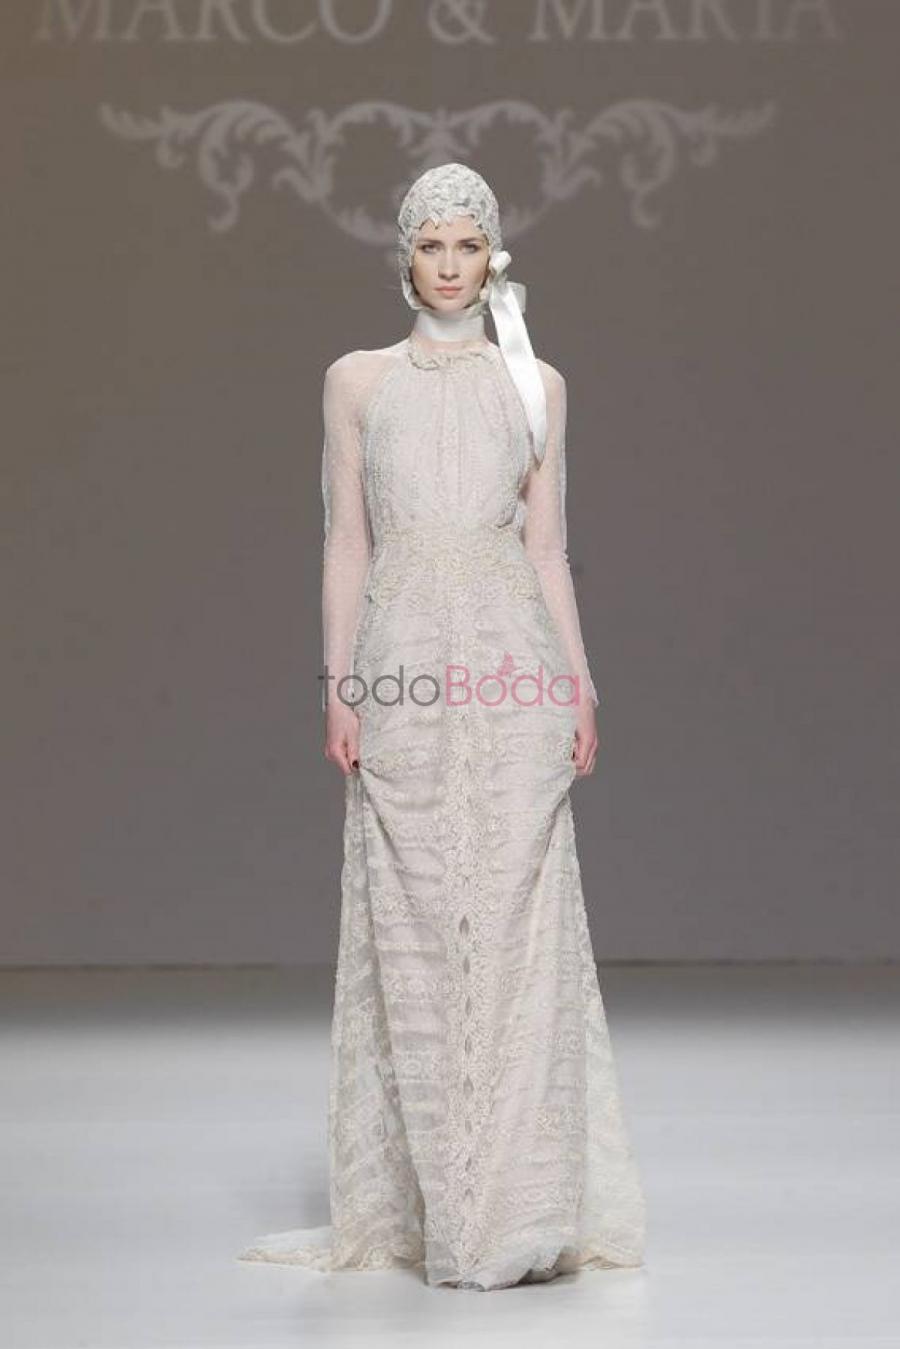 TodoBoda.com - Las 10 mejores tiendas de vestidos de novia en Islas ...